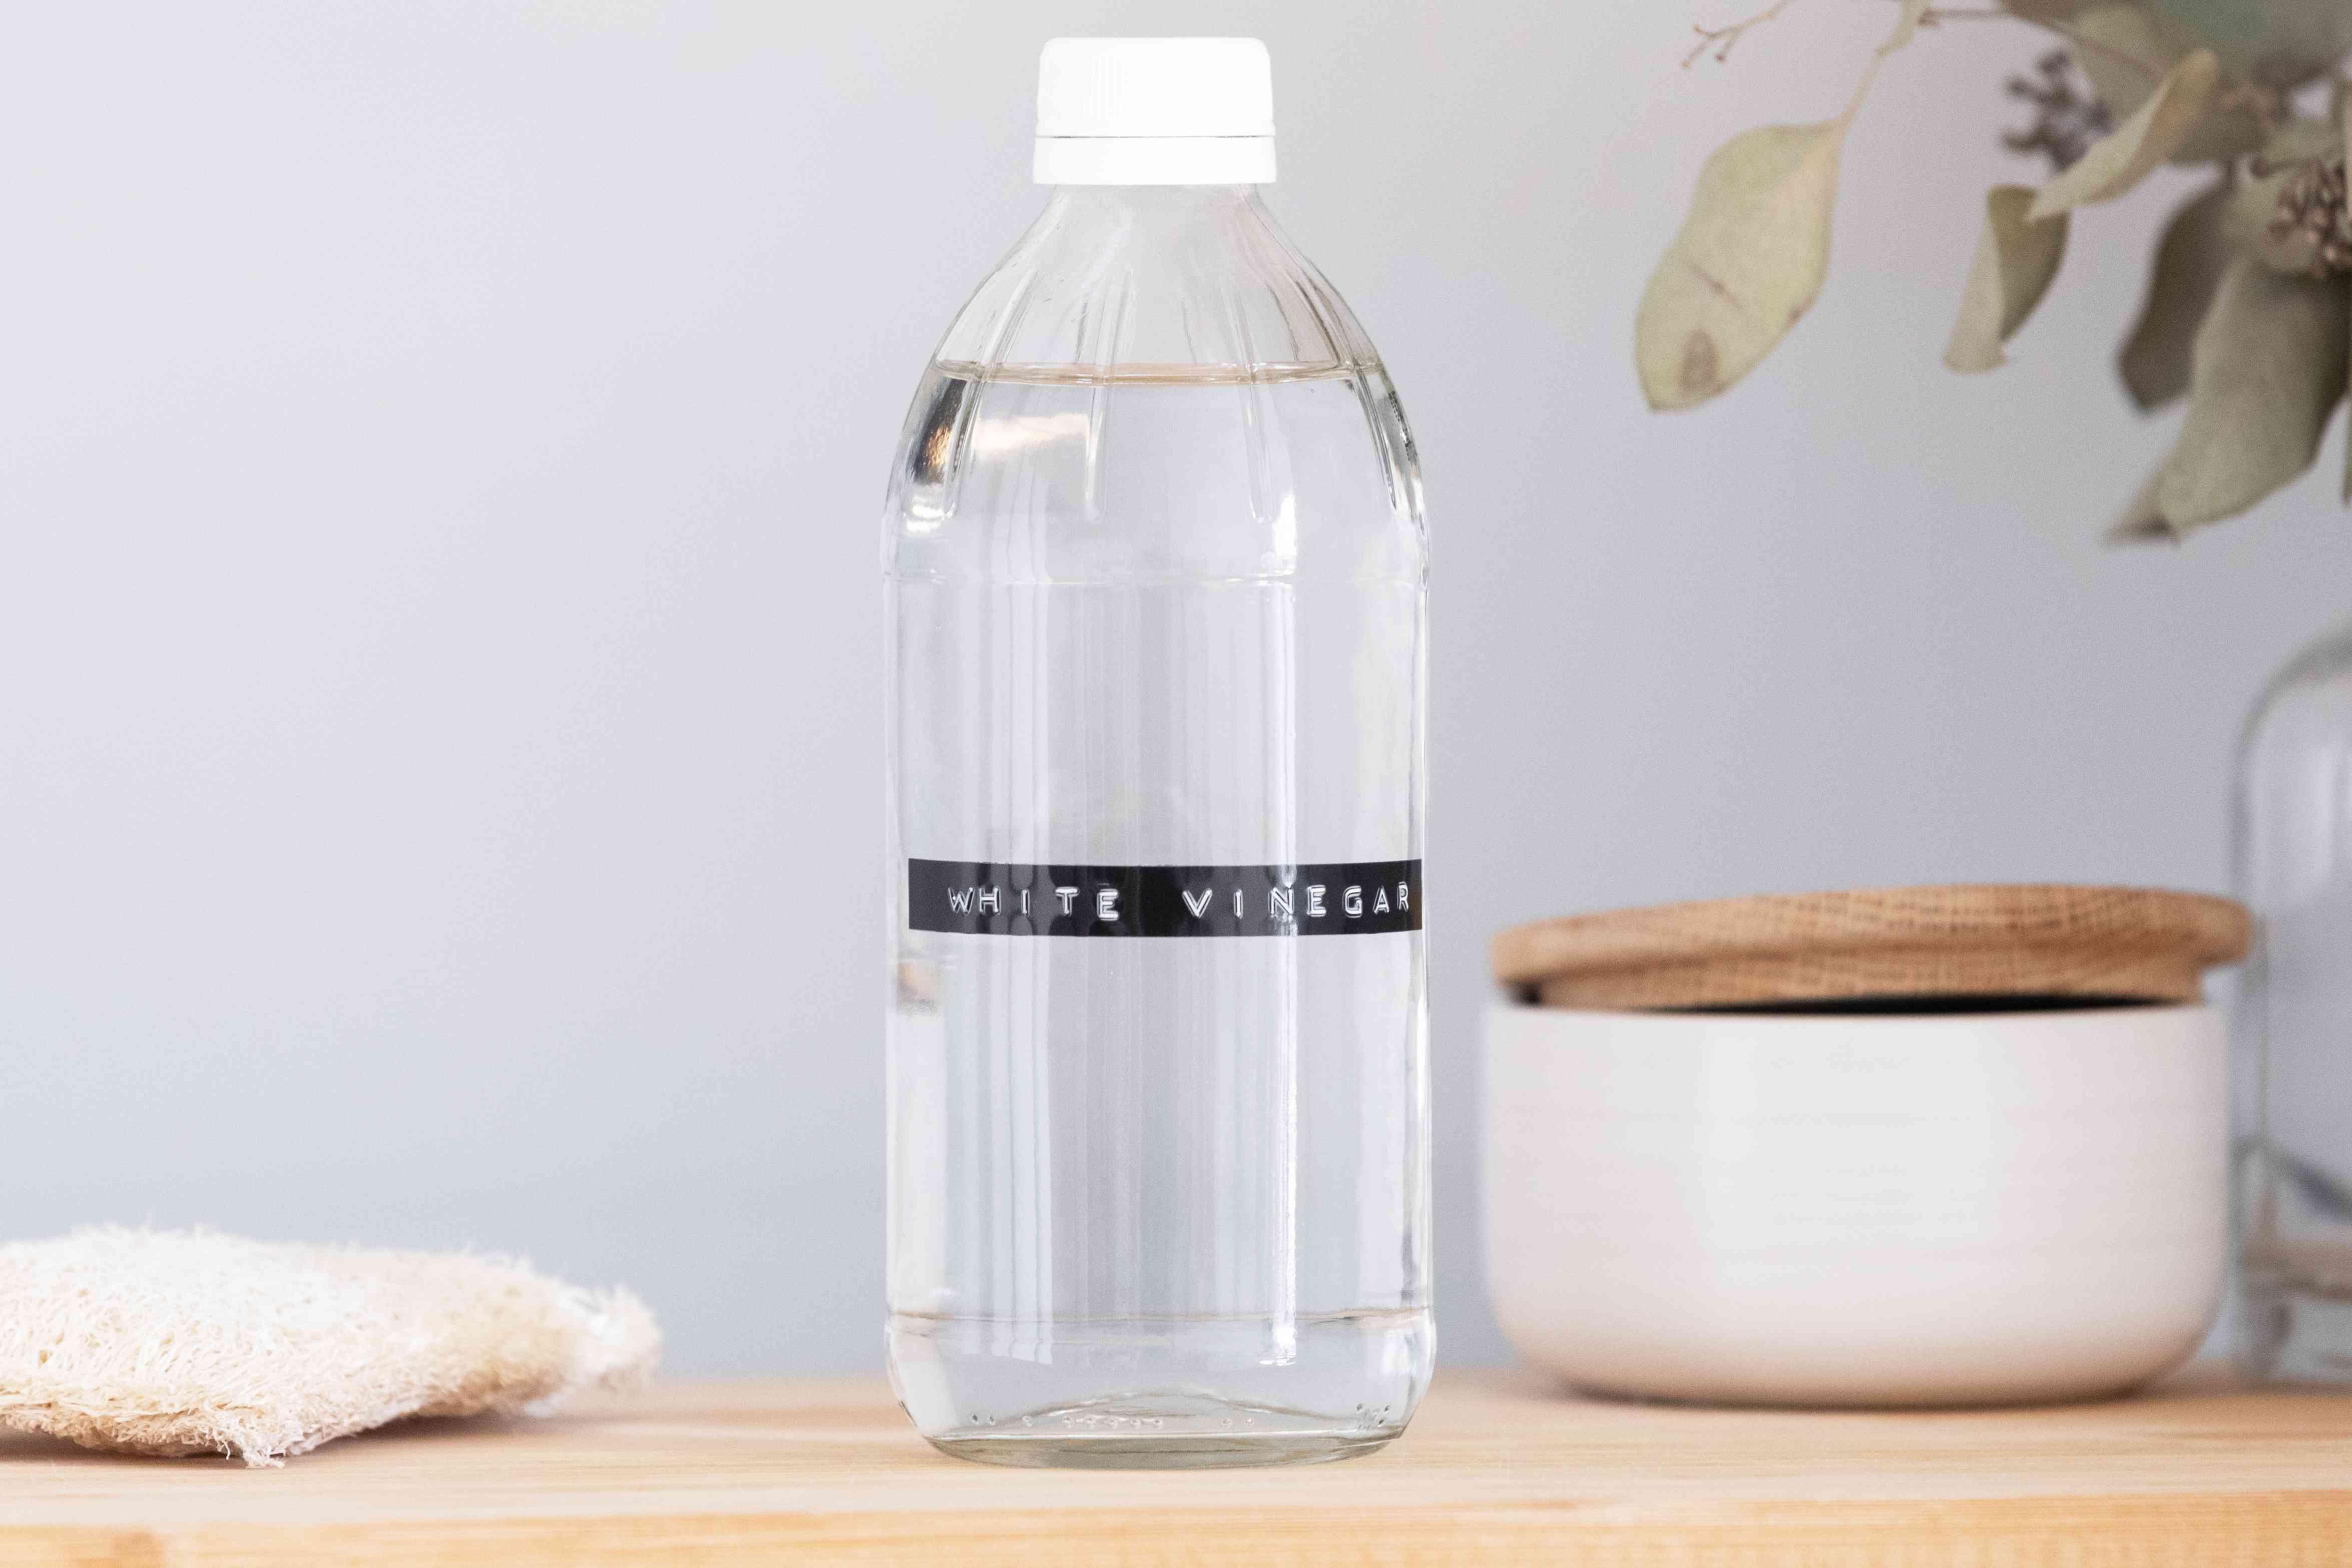 bottle of white vinegar